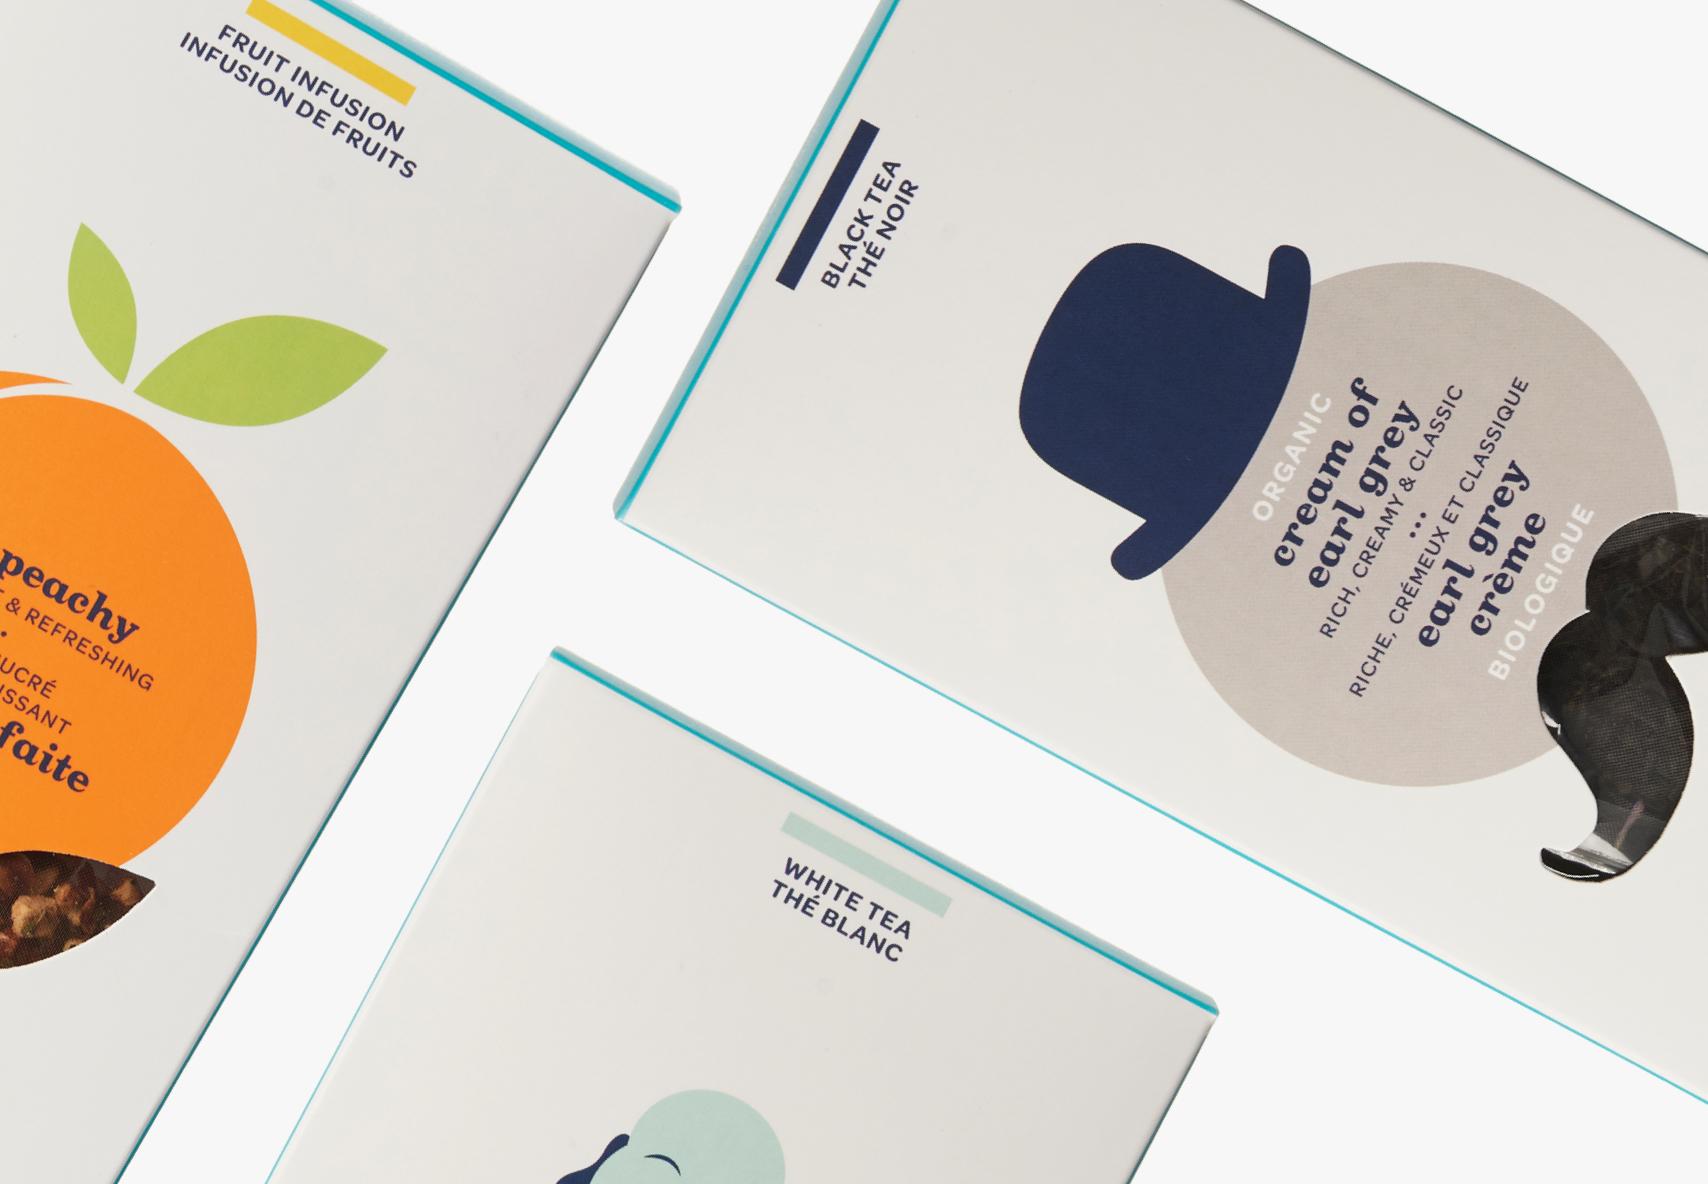 Boîte à sachets de Pêche parfaite, Earl grey crème biologique et Bienheureux Bouddha.